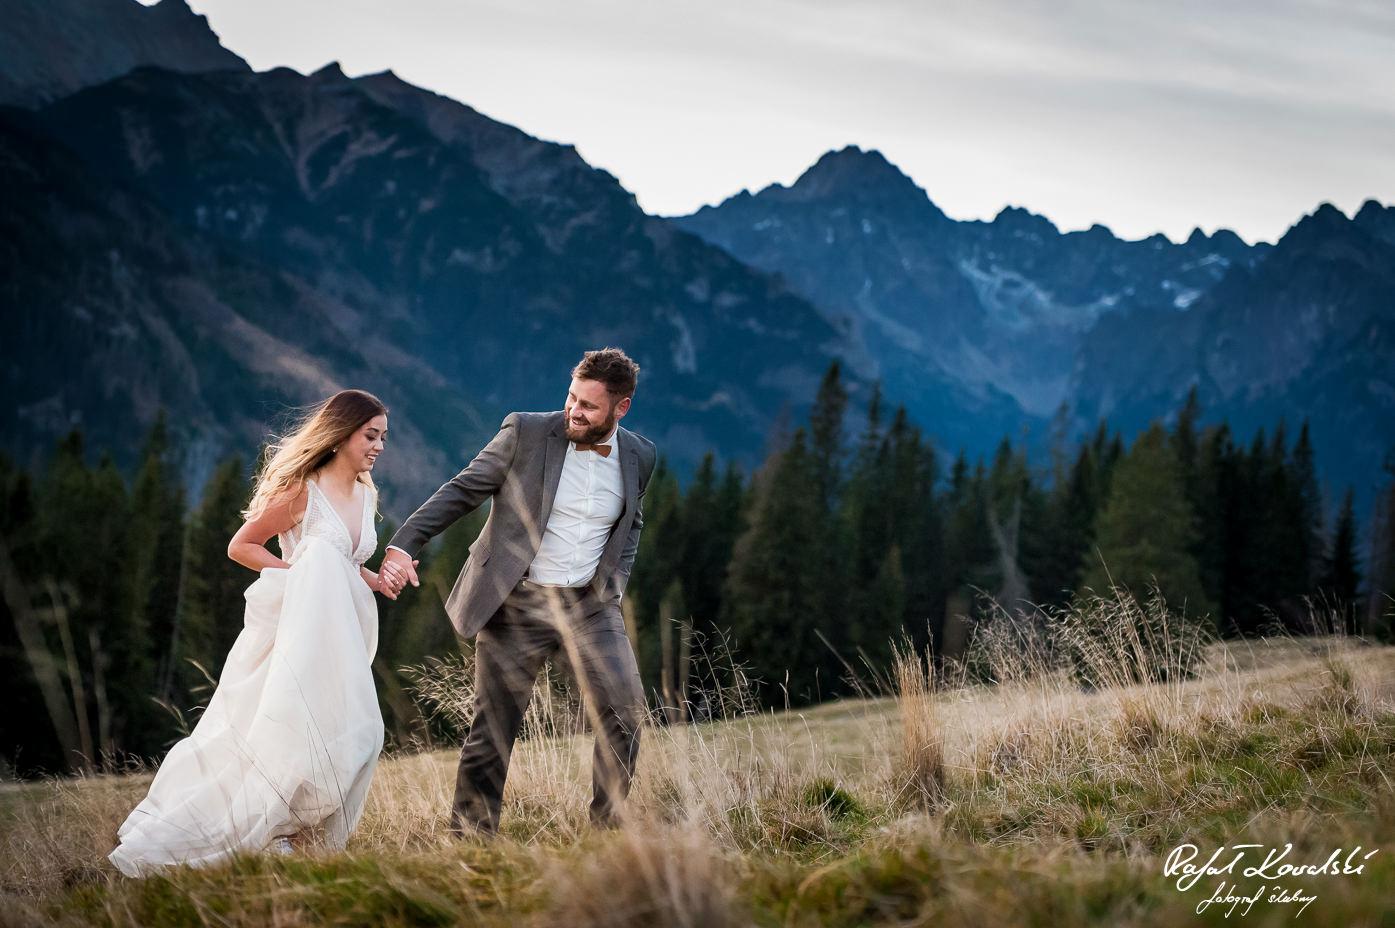 Sesja ślubna w Tatrach fotograf Ślubny Rafał Kowalski para młoda na tle górskiego krajobrazu